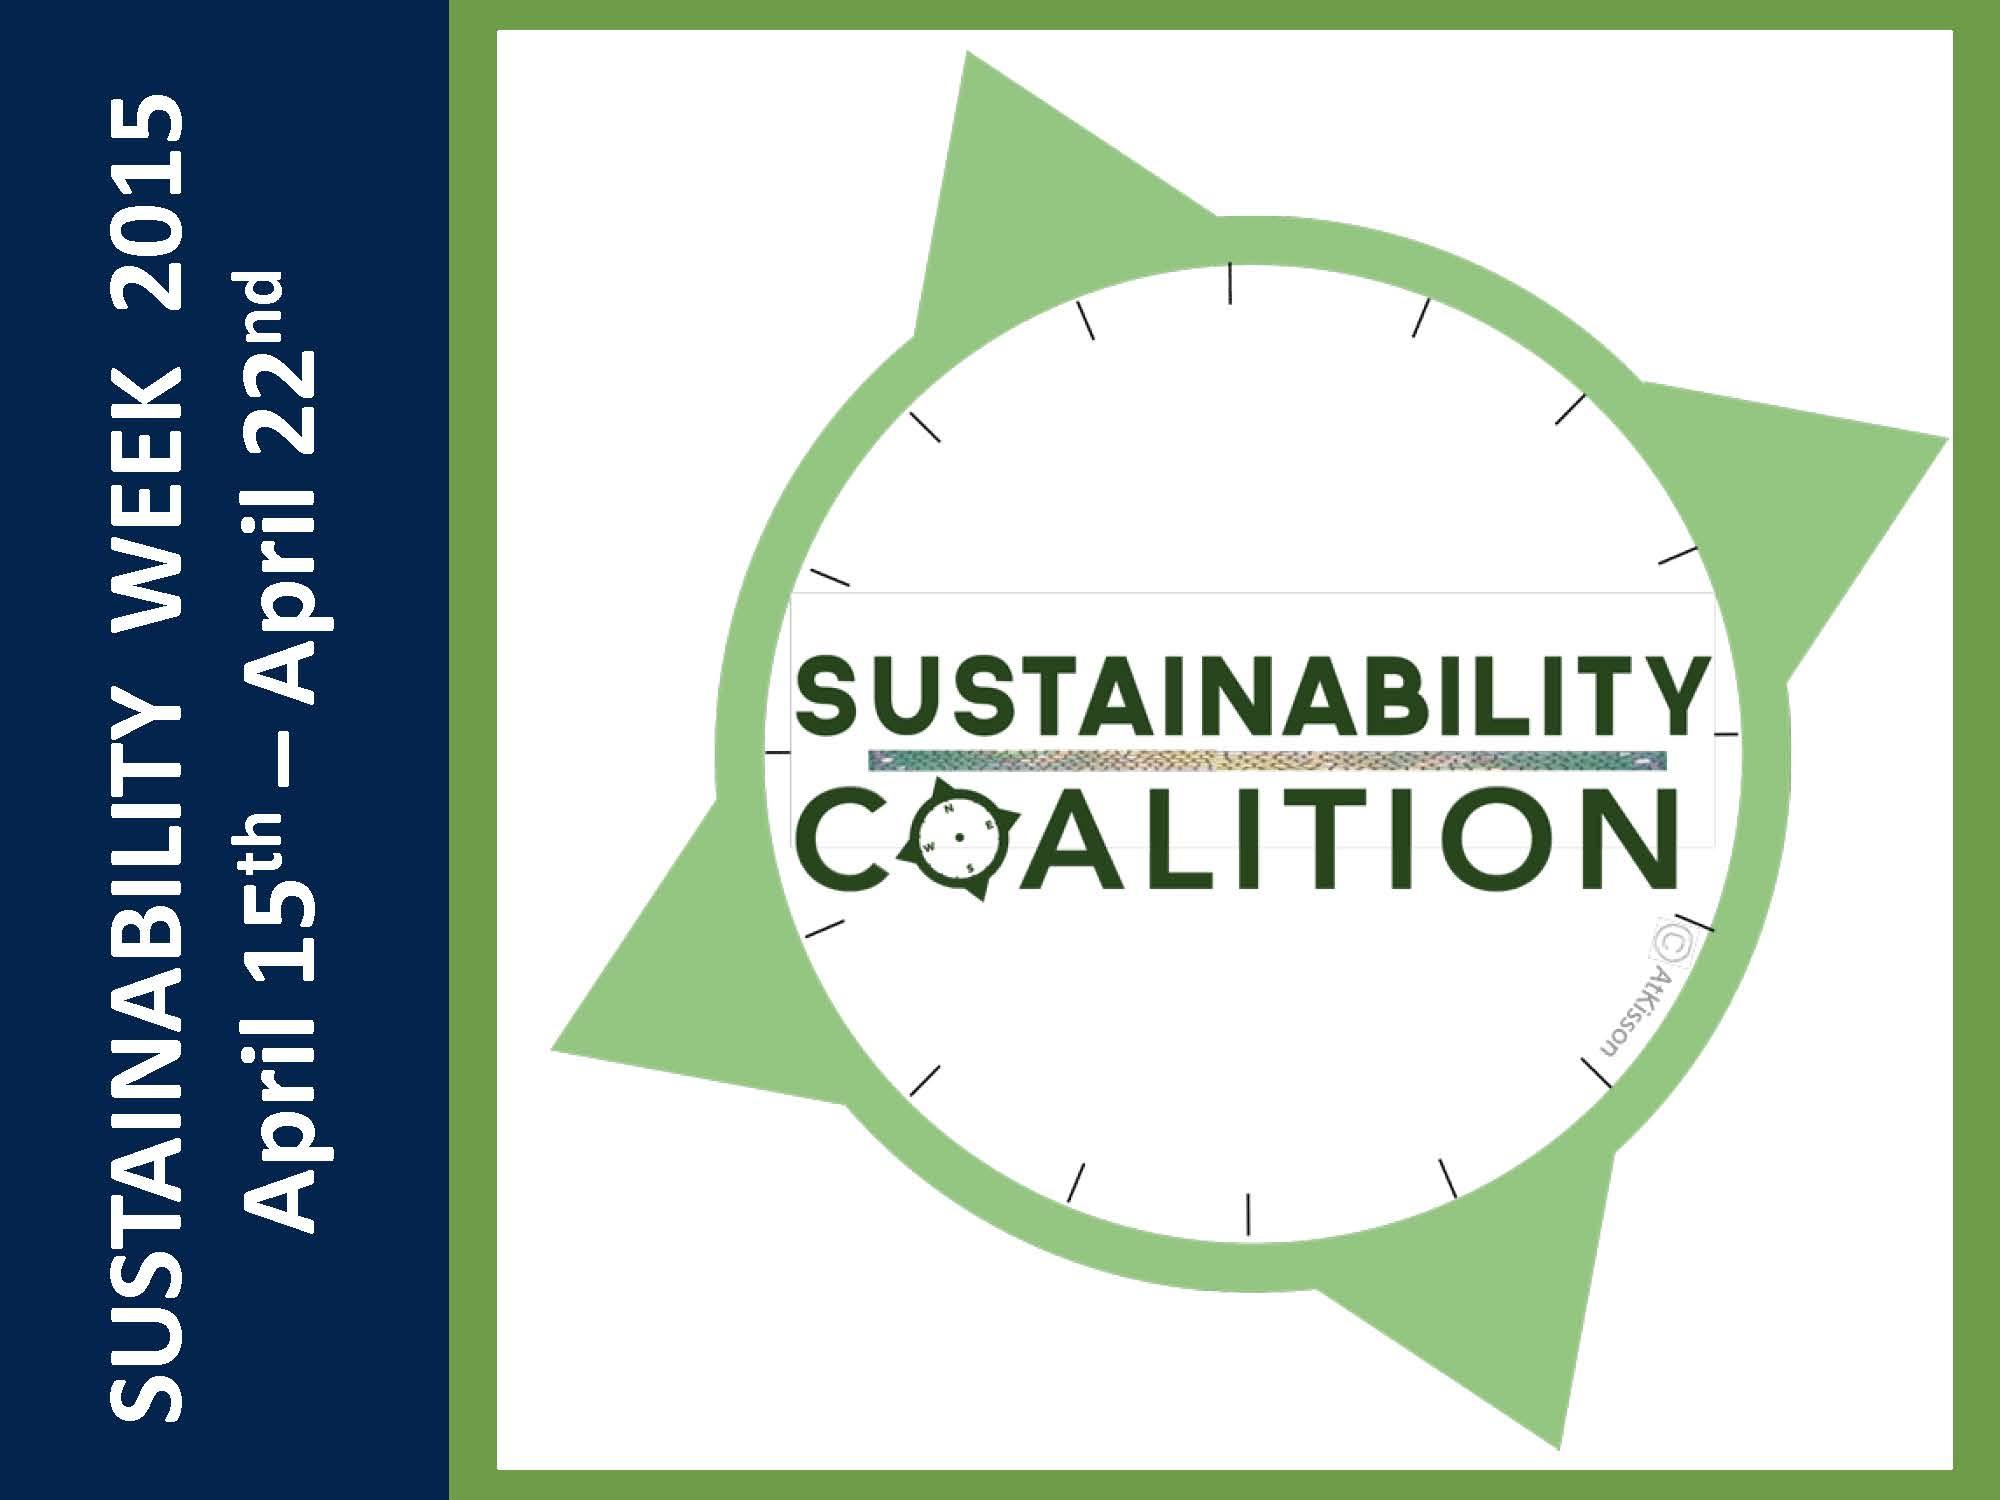 Sustainability Coalition Hosts Sustainability Week 2015